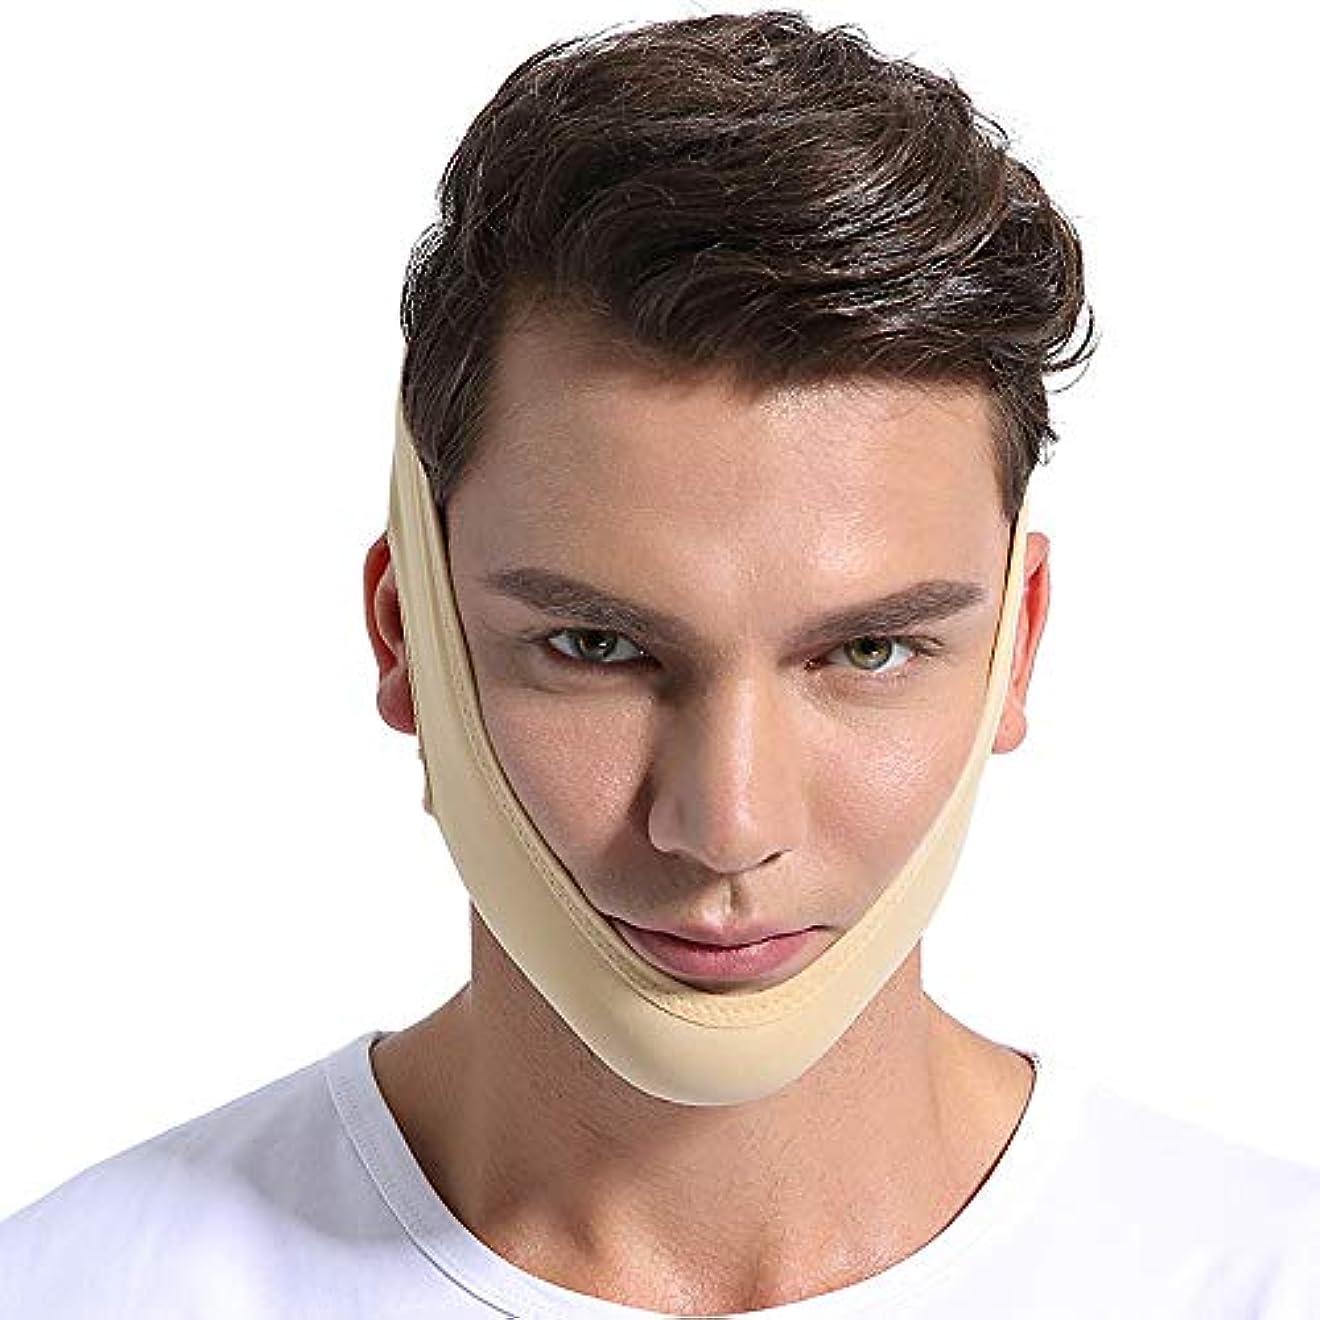 暴動納屋マージン顔面持ち上げ用具、Vフェイスの薄い顔の包帯顔面マッサージ器リフティングパッキングマスク,L